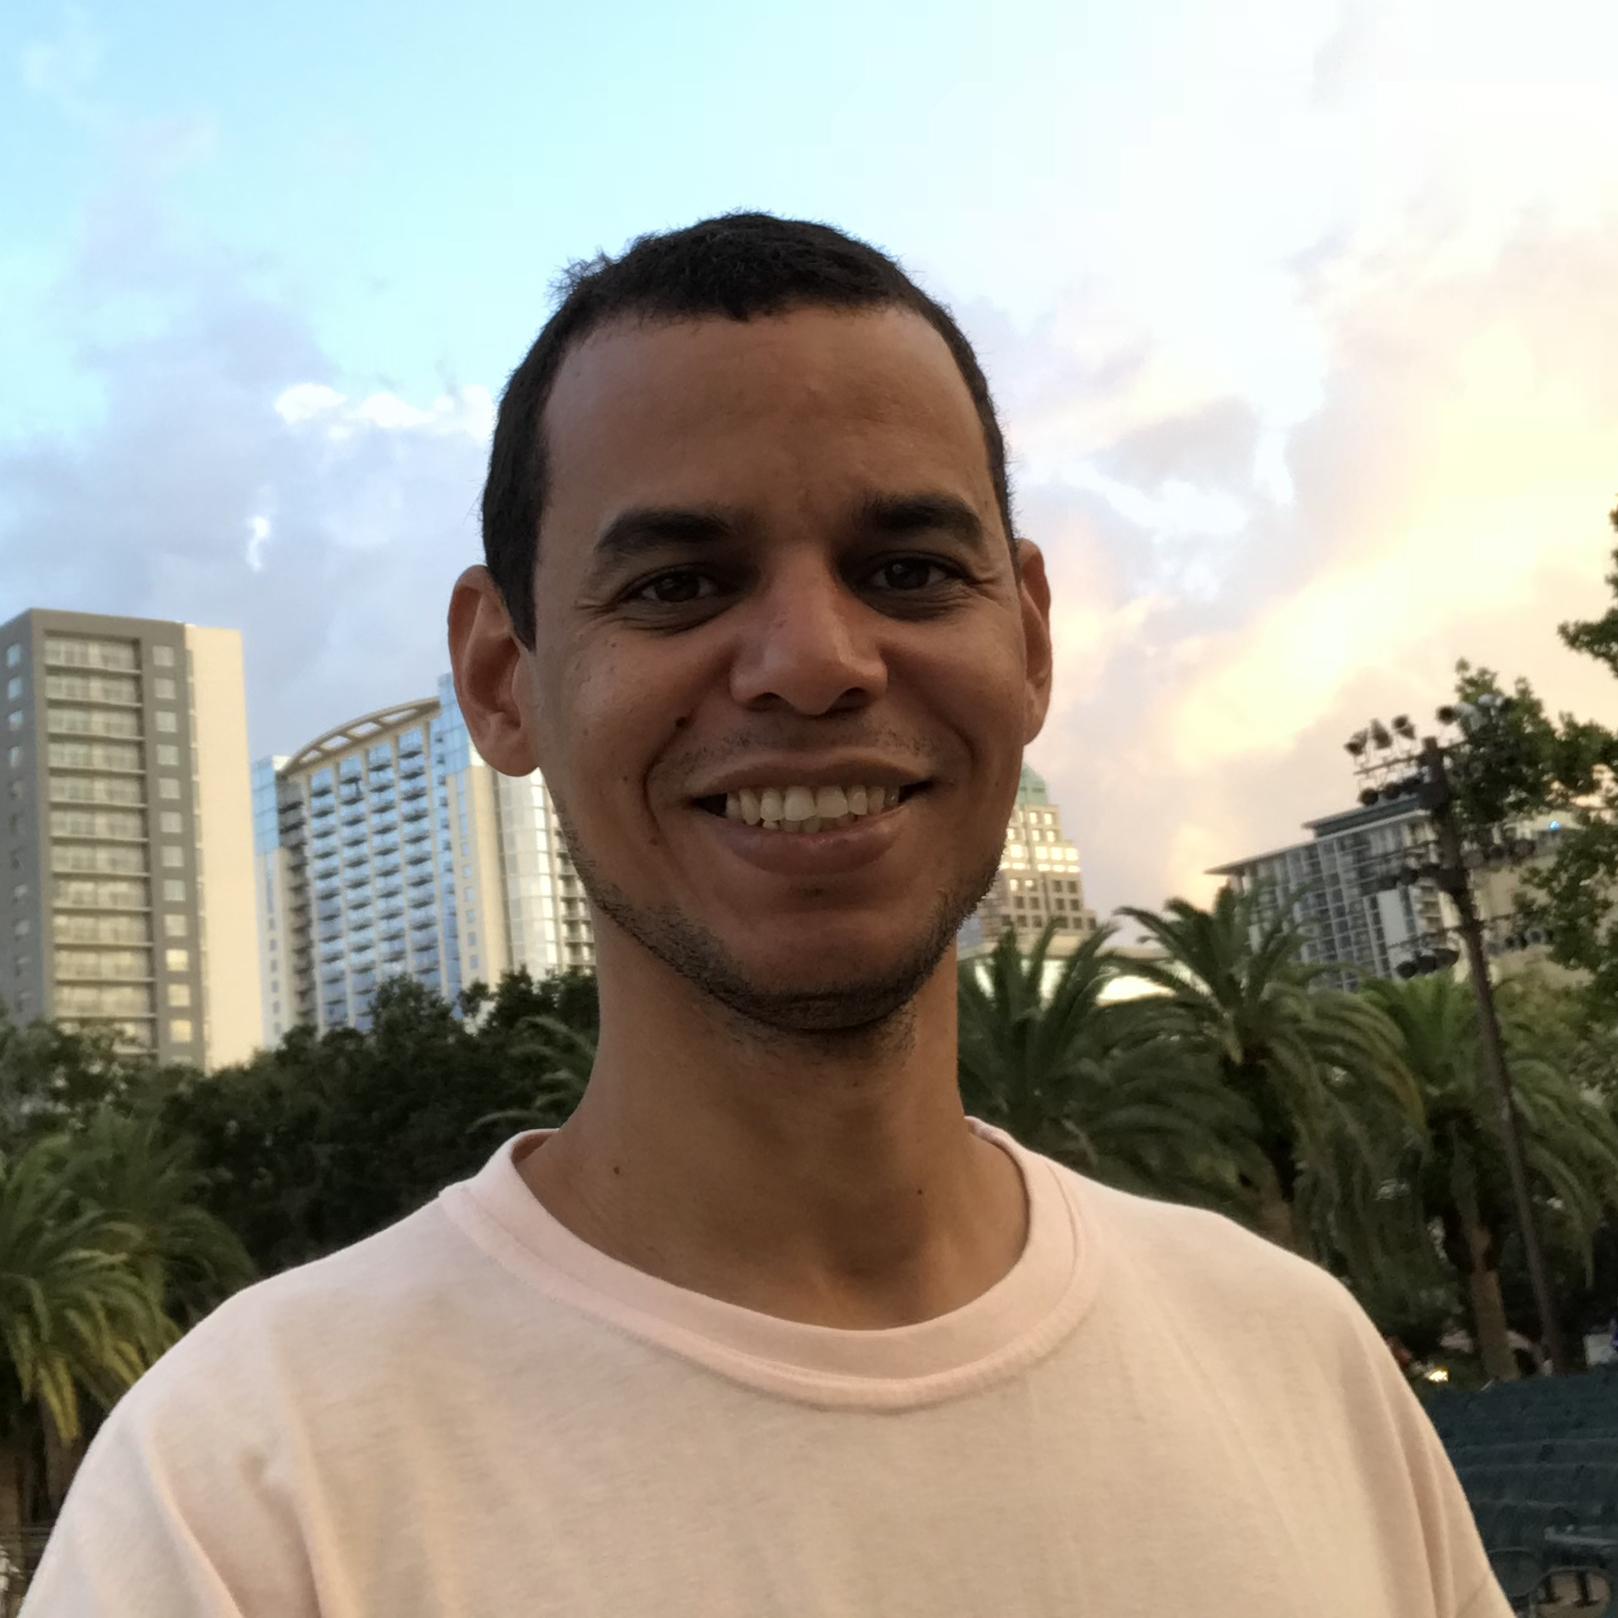 Luis Claudio de Melo Brito Rocha